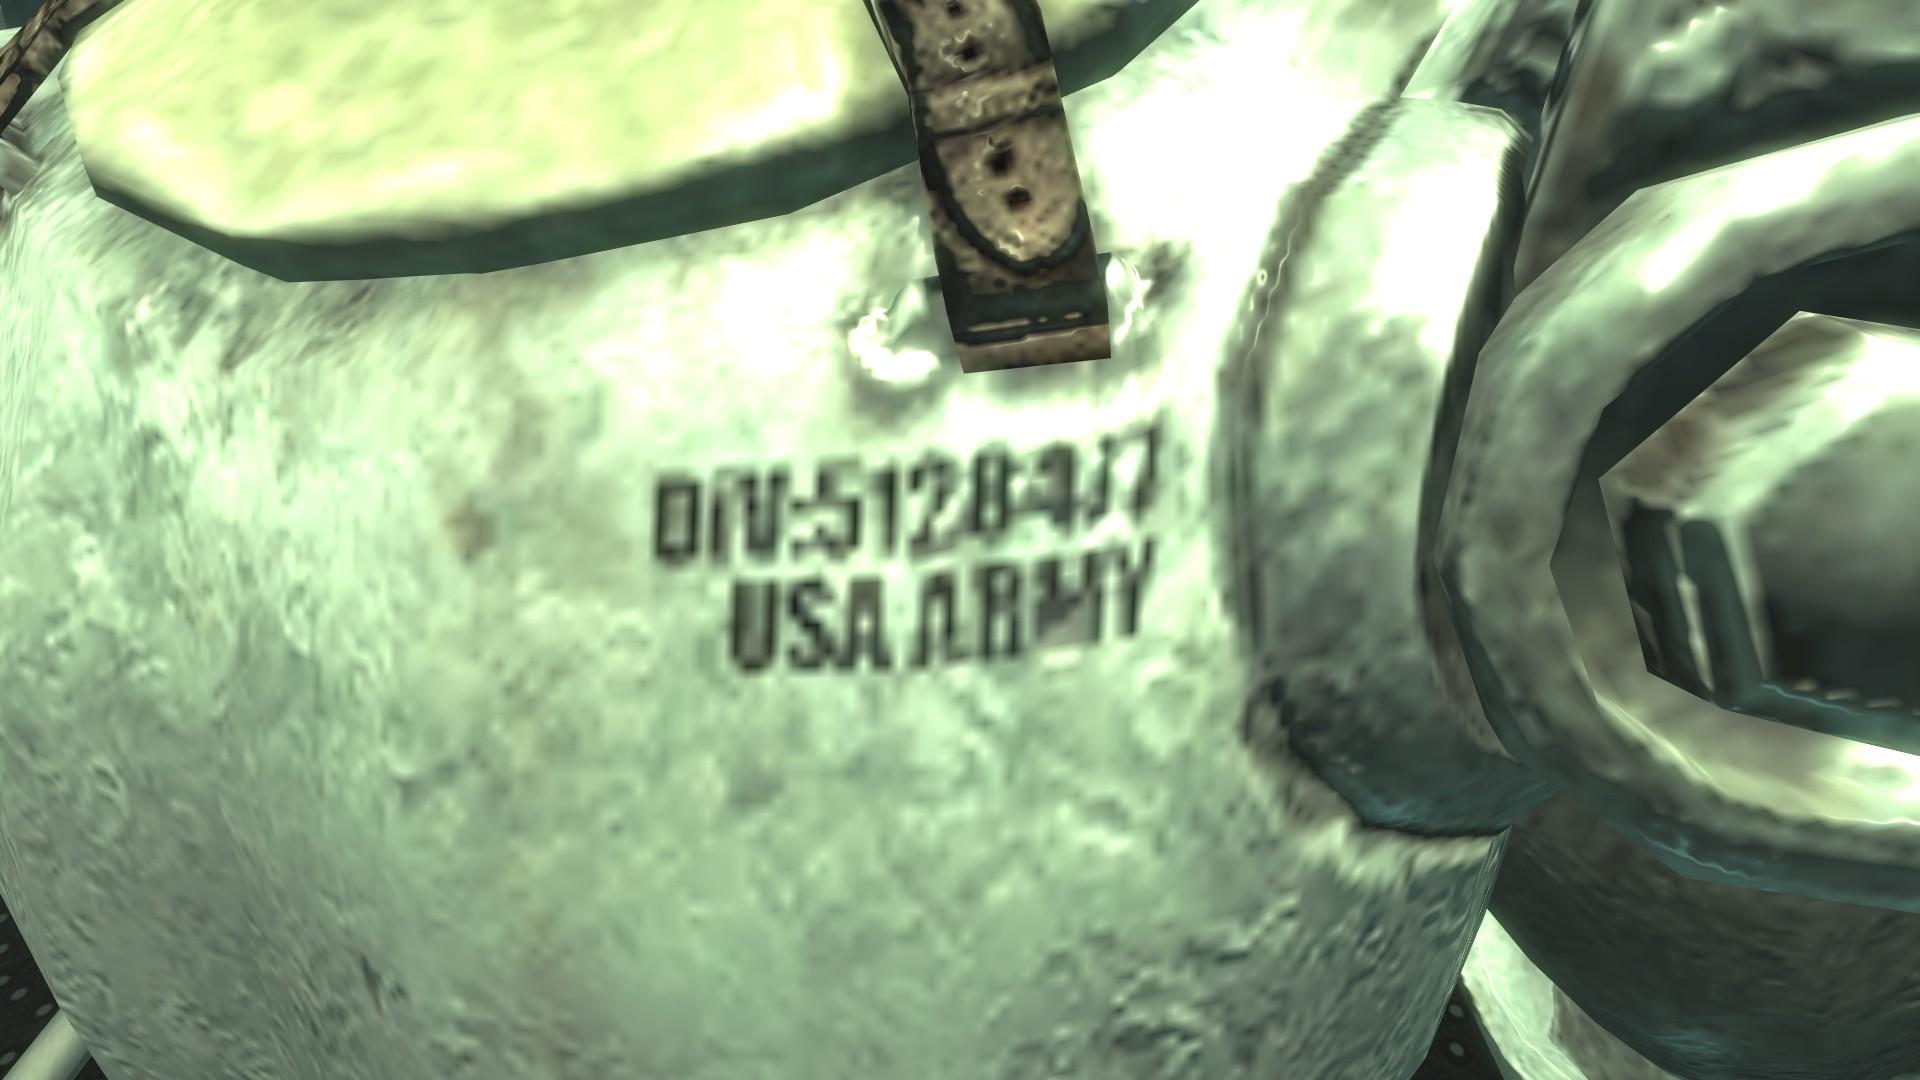 OA T51 DIV-5128417 USA ARMY